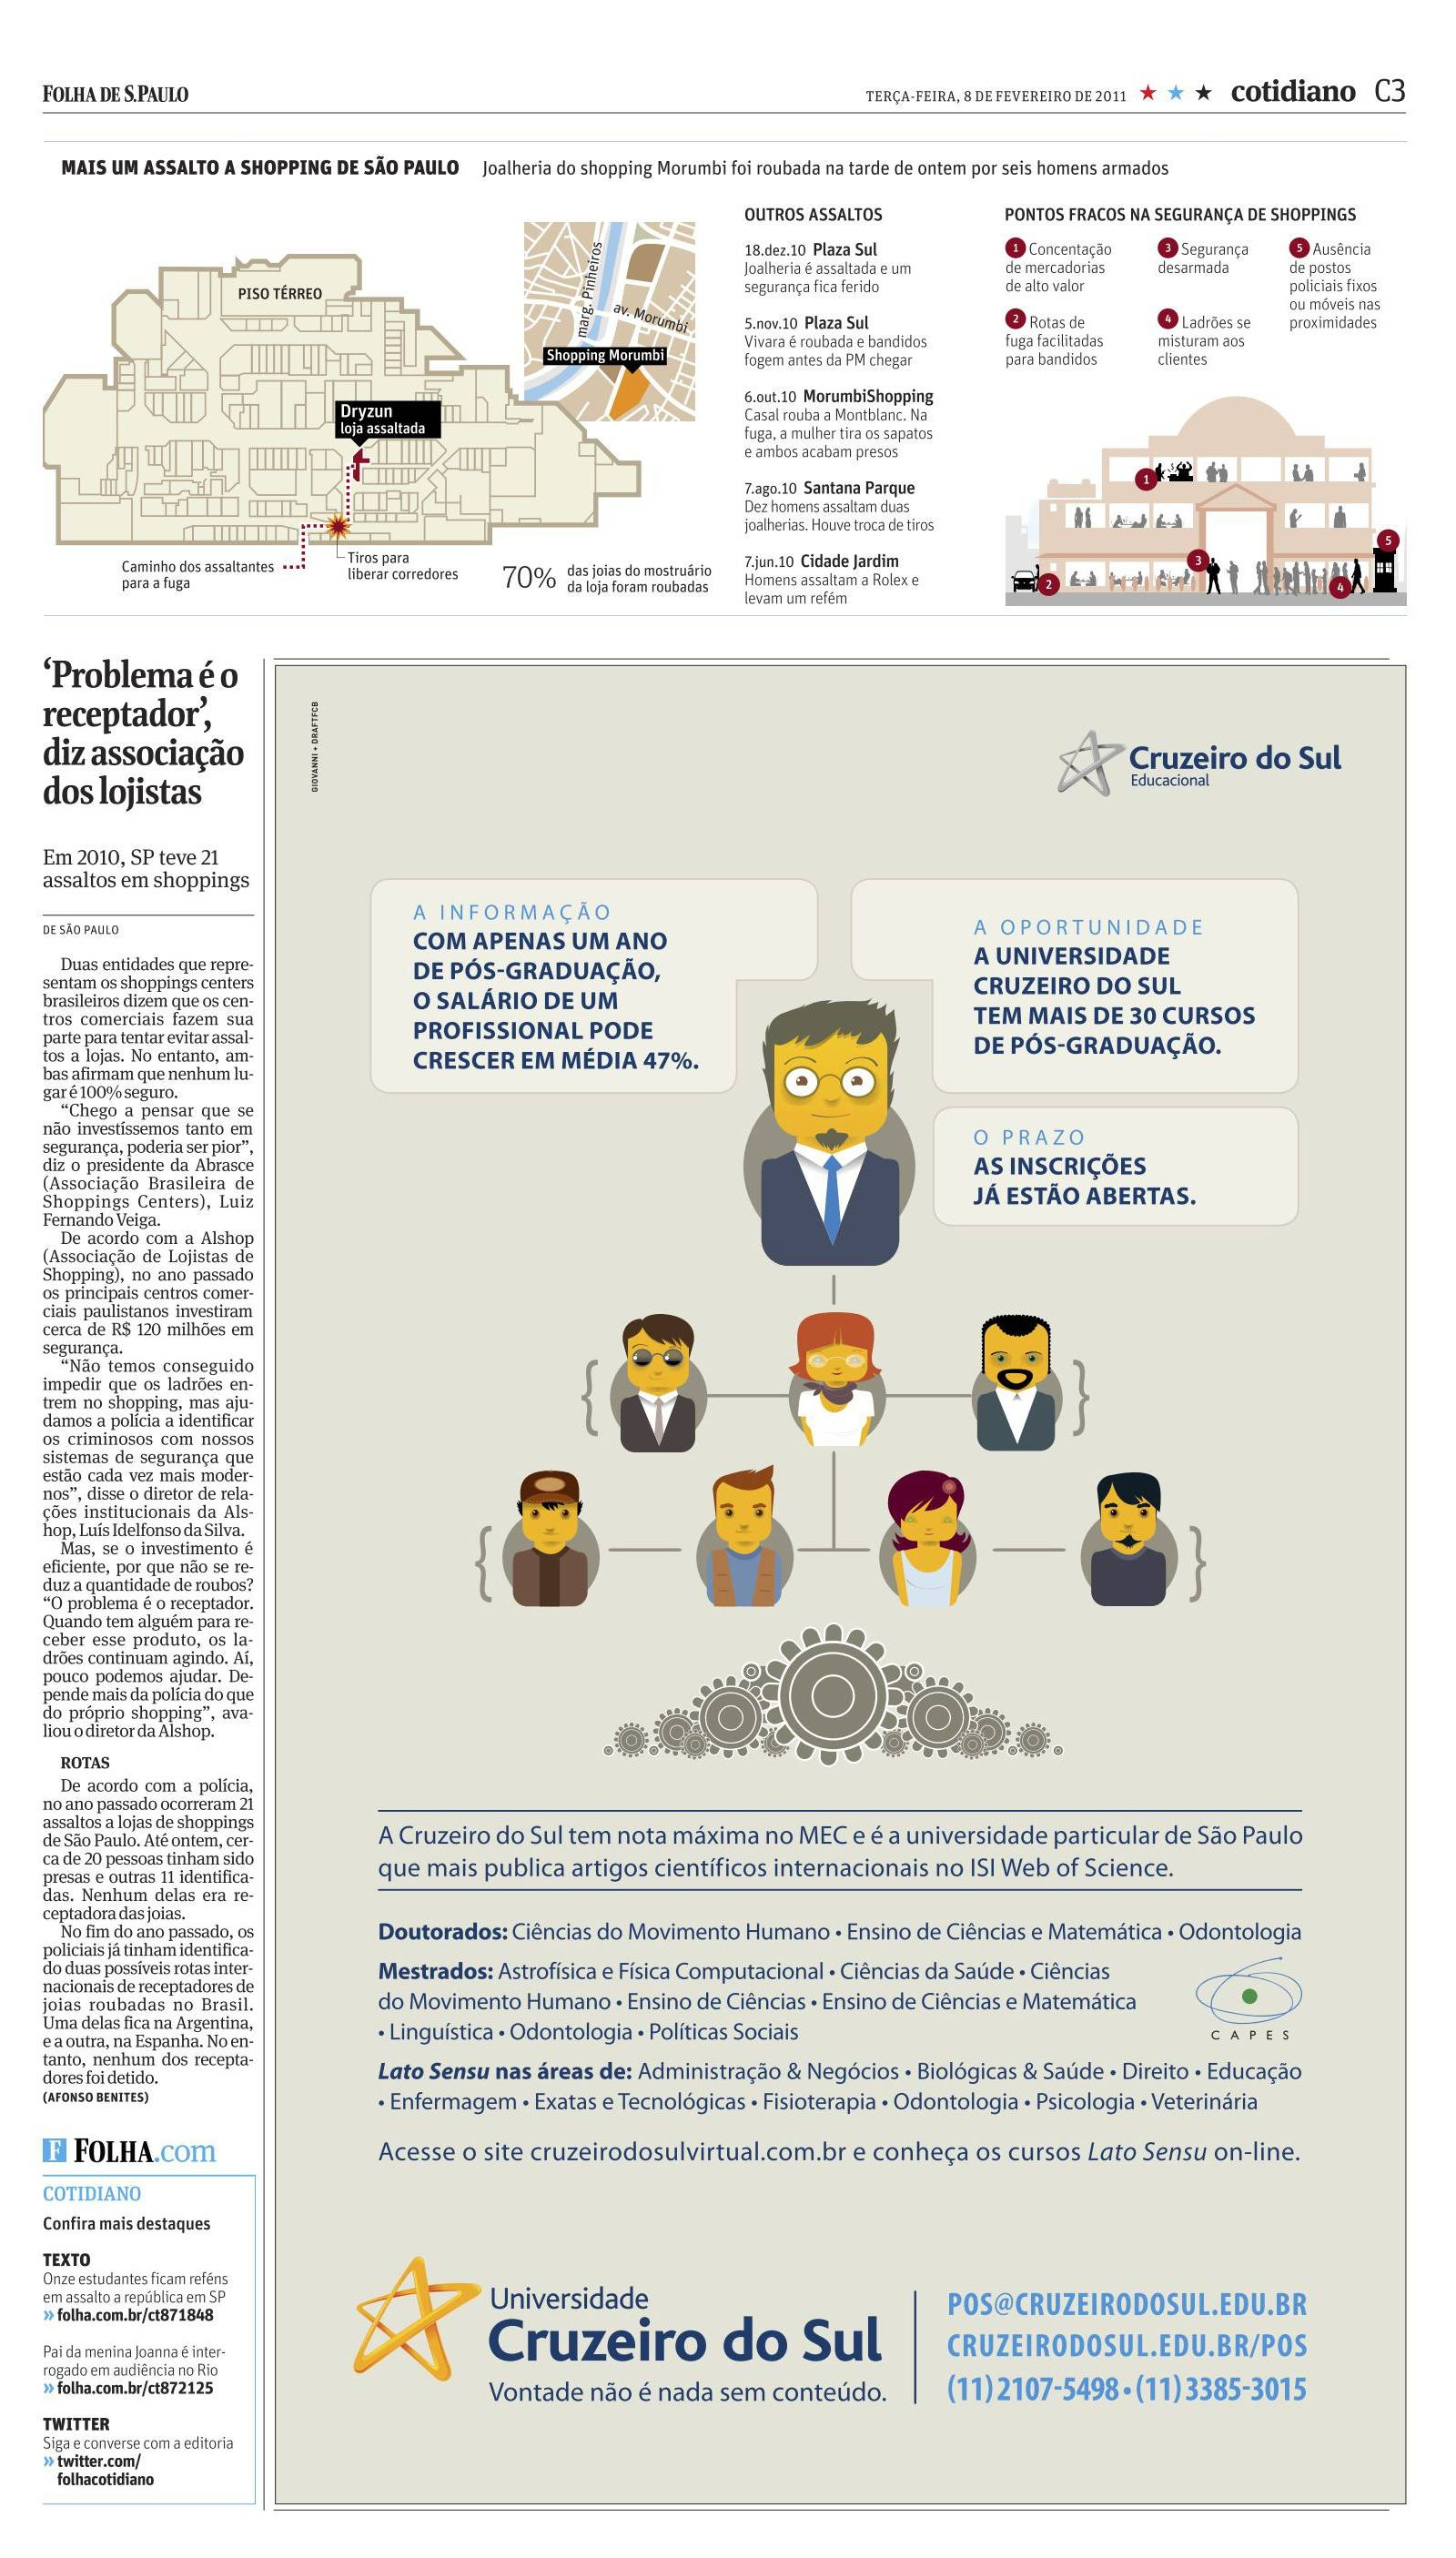 d07ef72c20c Edição Digital - Folha de S.Paulo - Pg 8